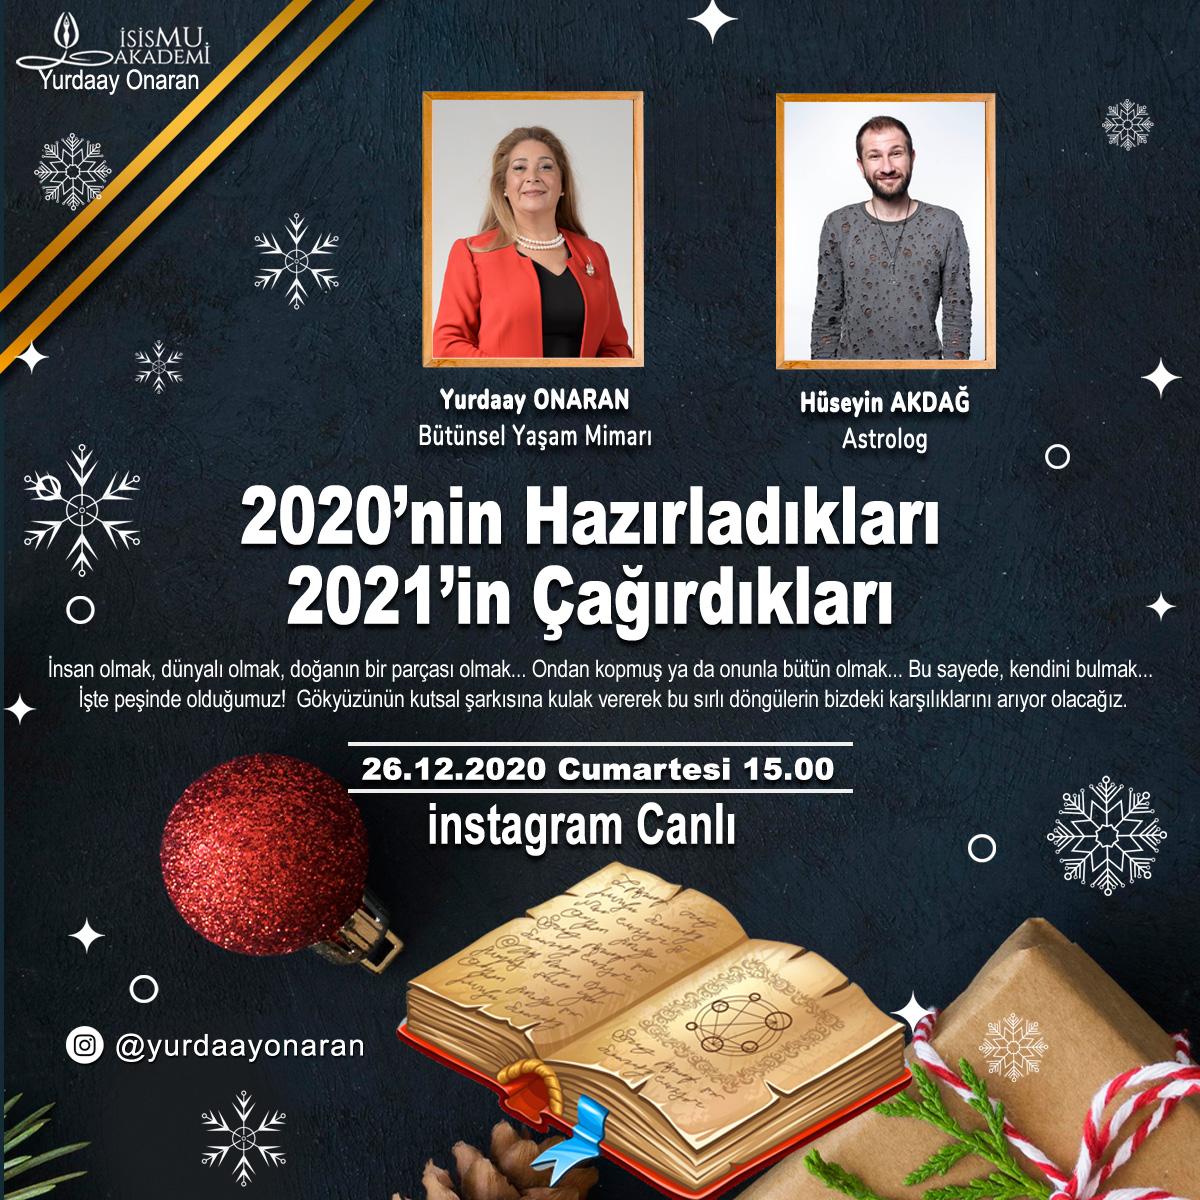 2020'nin Hazırladıkları 2021'in Çağırdıkları - 26.12.2020 Cumartesi